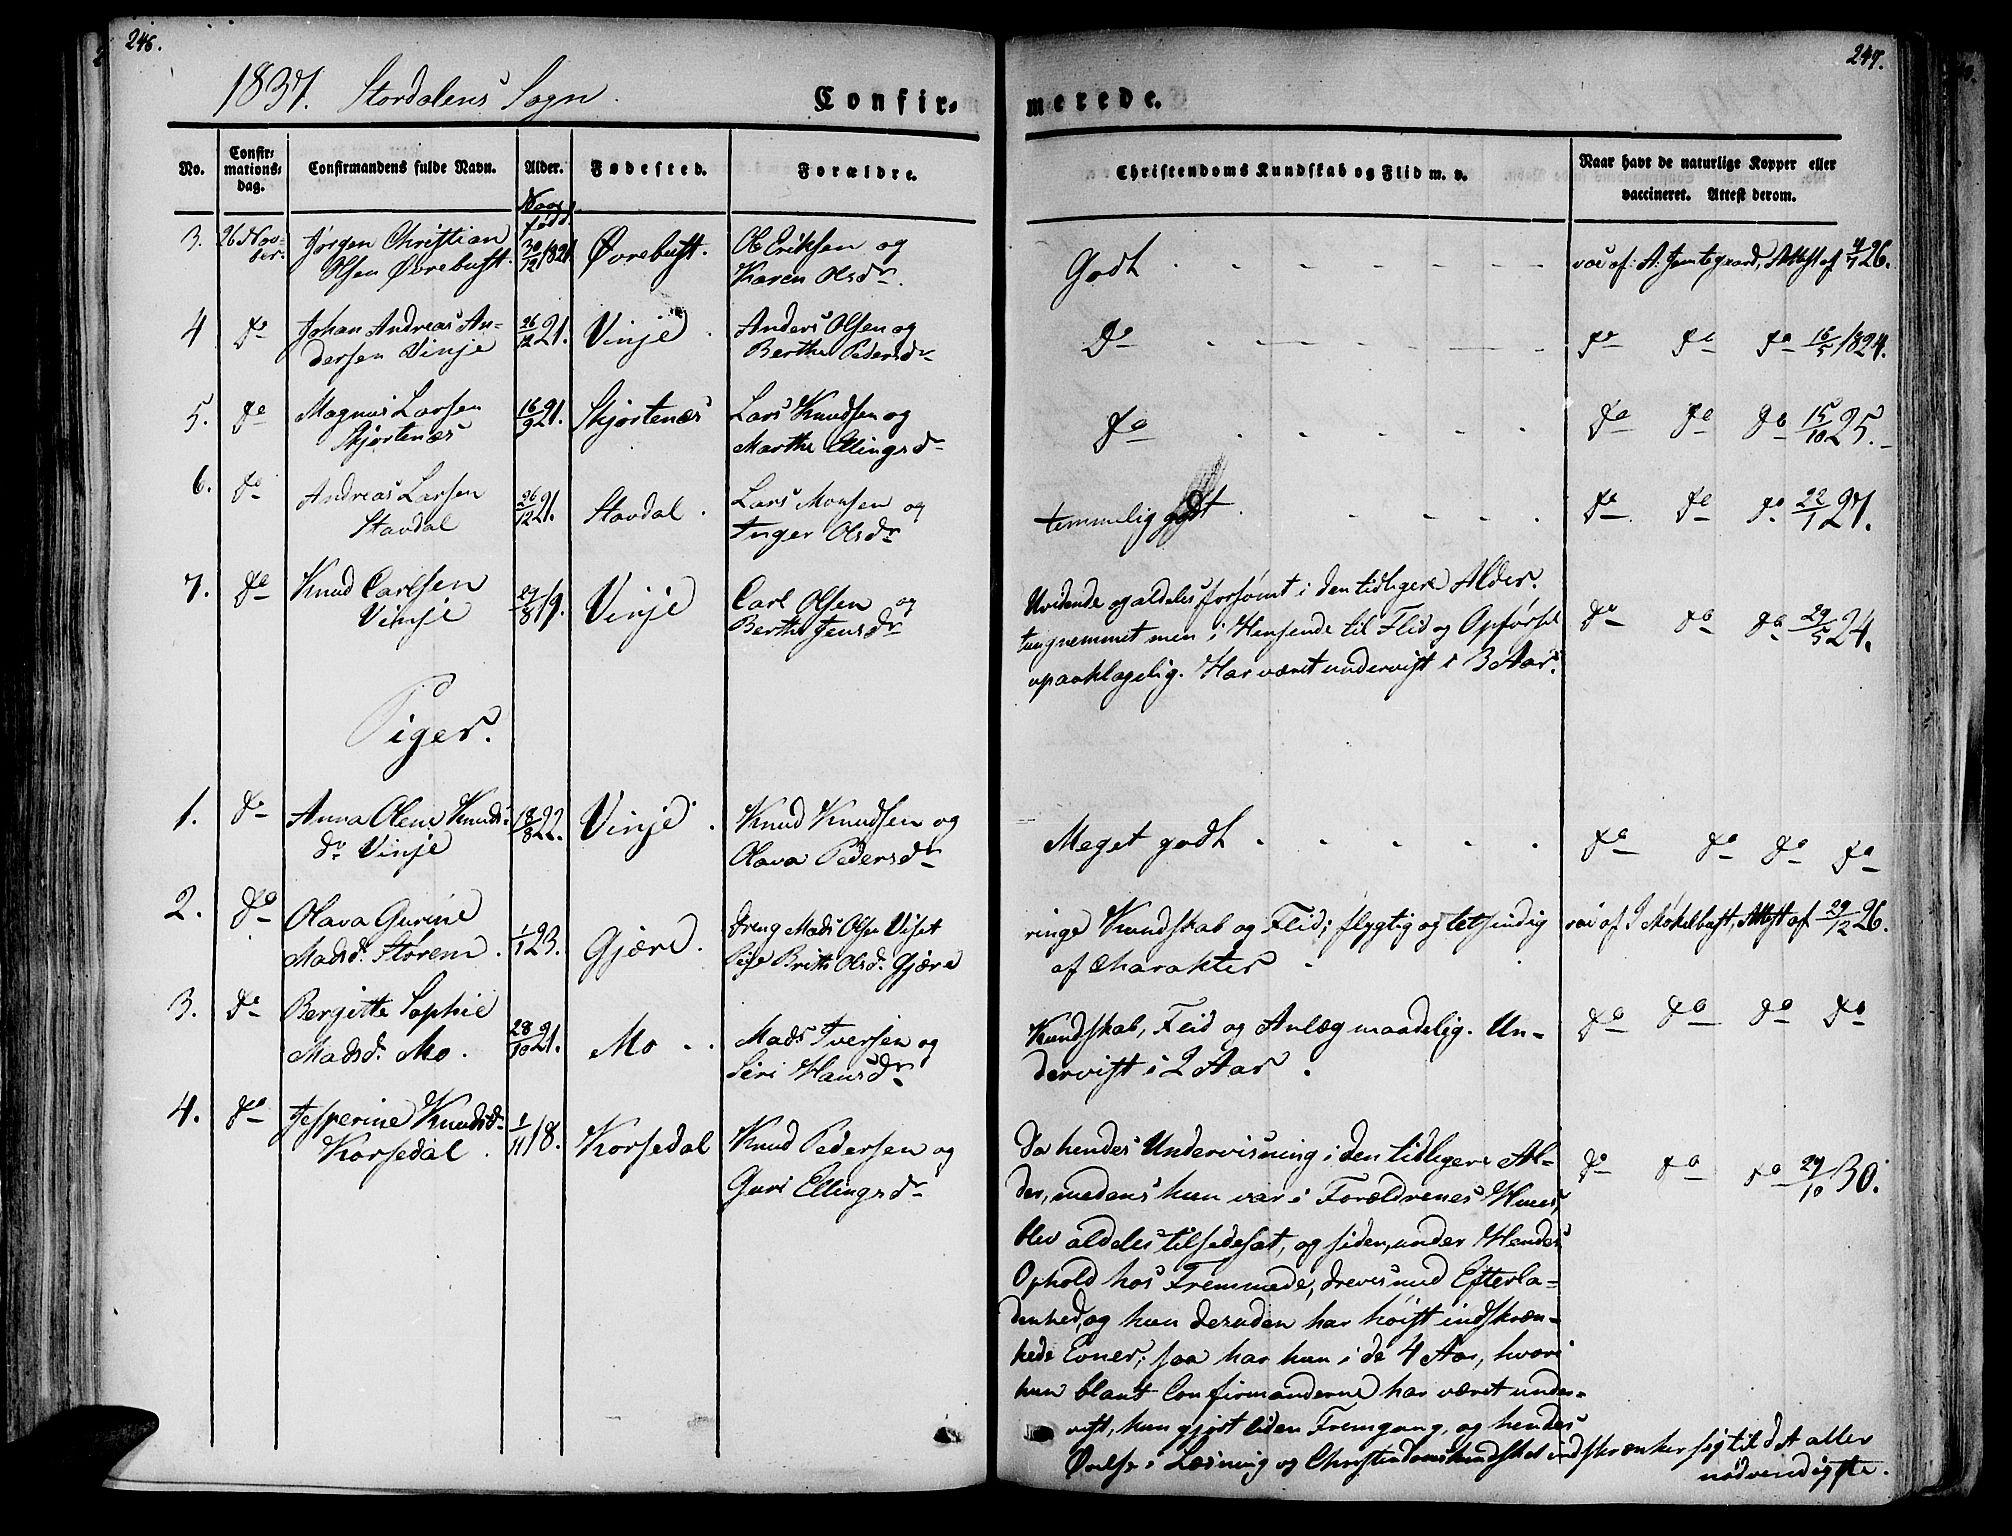 SAT, Ministerialprotokoller, klokkerbøker og fødselsregistre - Møre og Romsdal, 520/L0274: Ministerialbok nr. 520A04, 1827-1864, s. 246-247